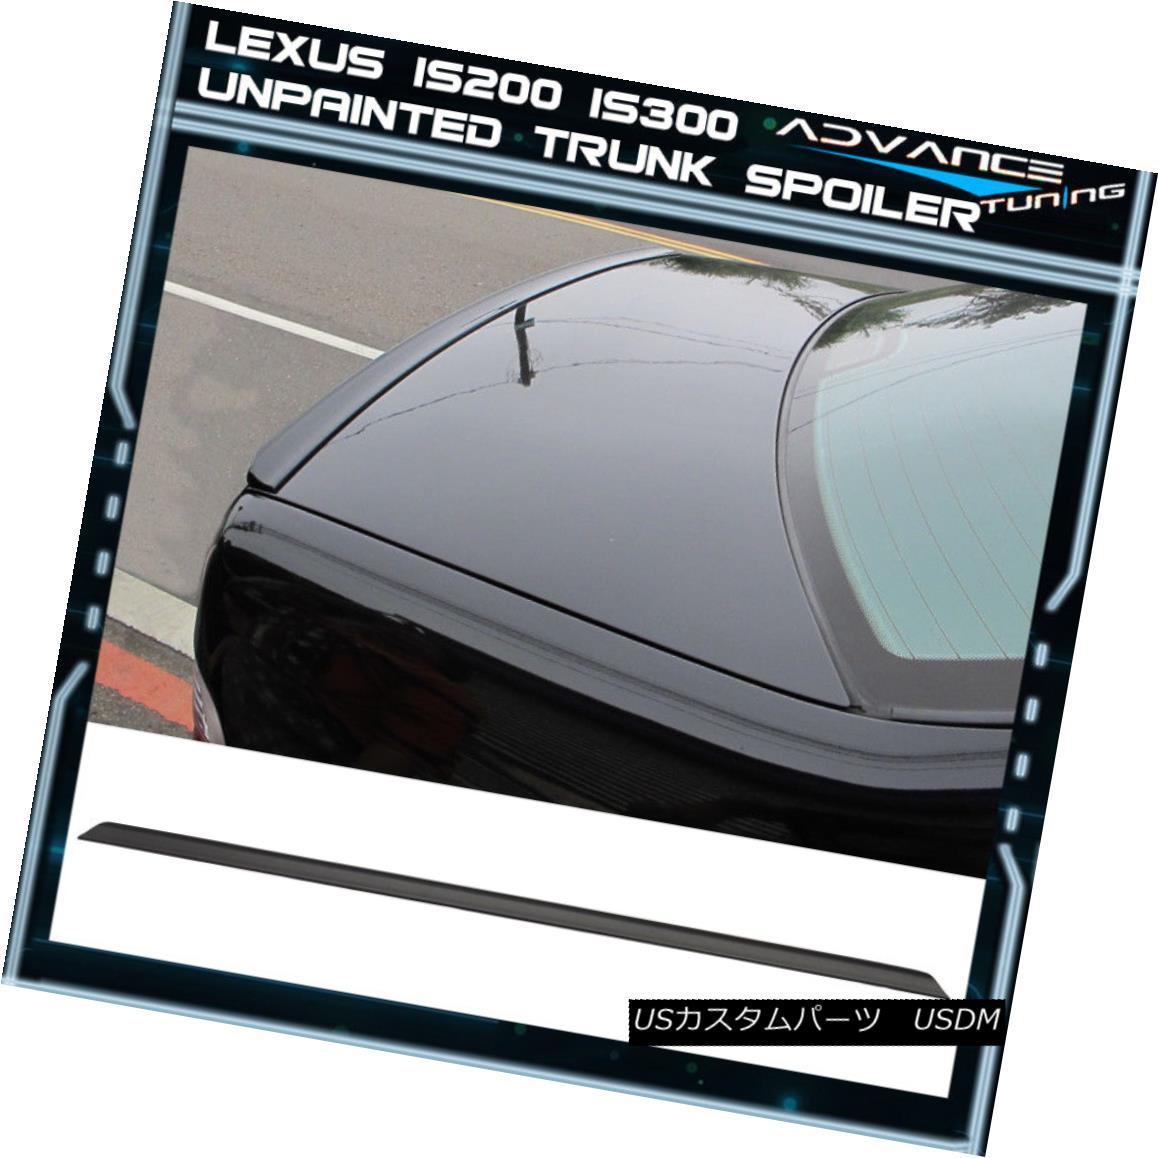 エアロパーツ Fits 98-05 Lexus IS250 350 IS300 XE10 PV Style Unpainted Black PUF Trunk Spoiler フィット98-05レクサスIS250 350 IS300 XE10 PVスタイル未塗装ブラックPUFトランク・スポイラー